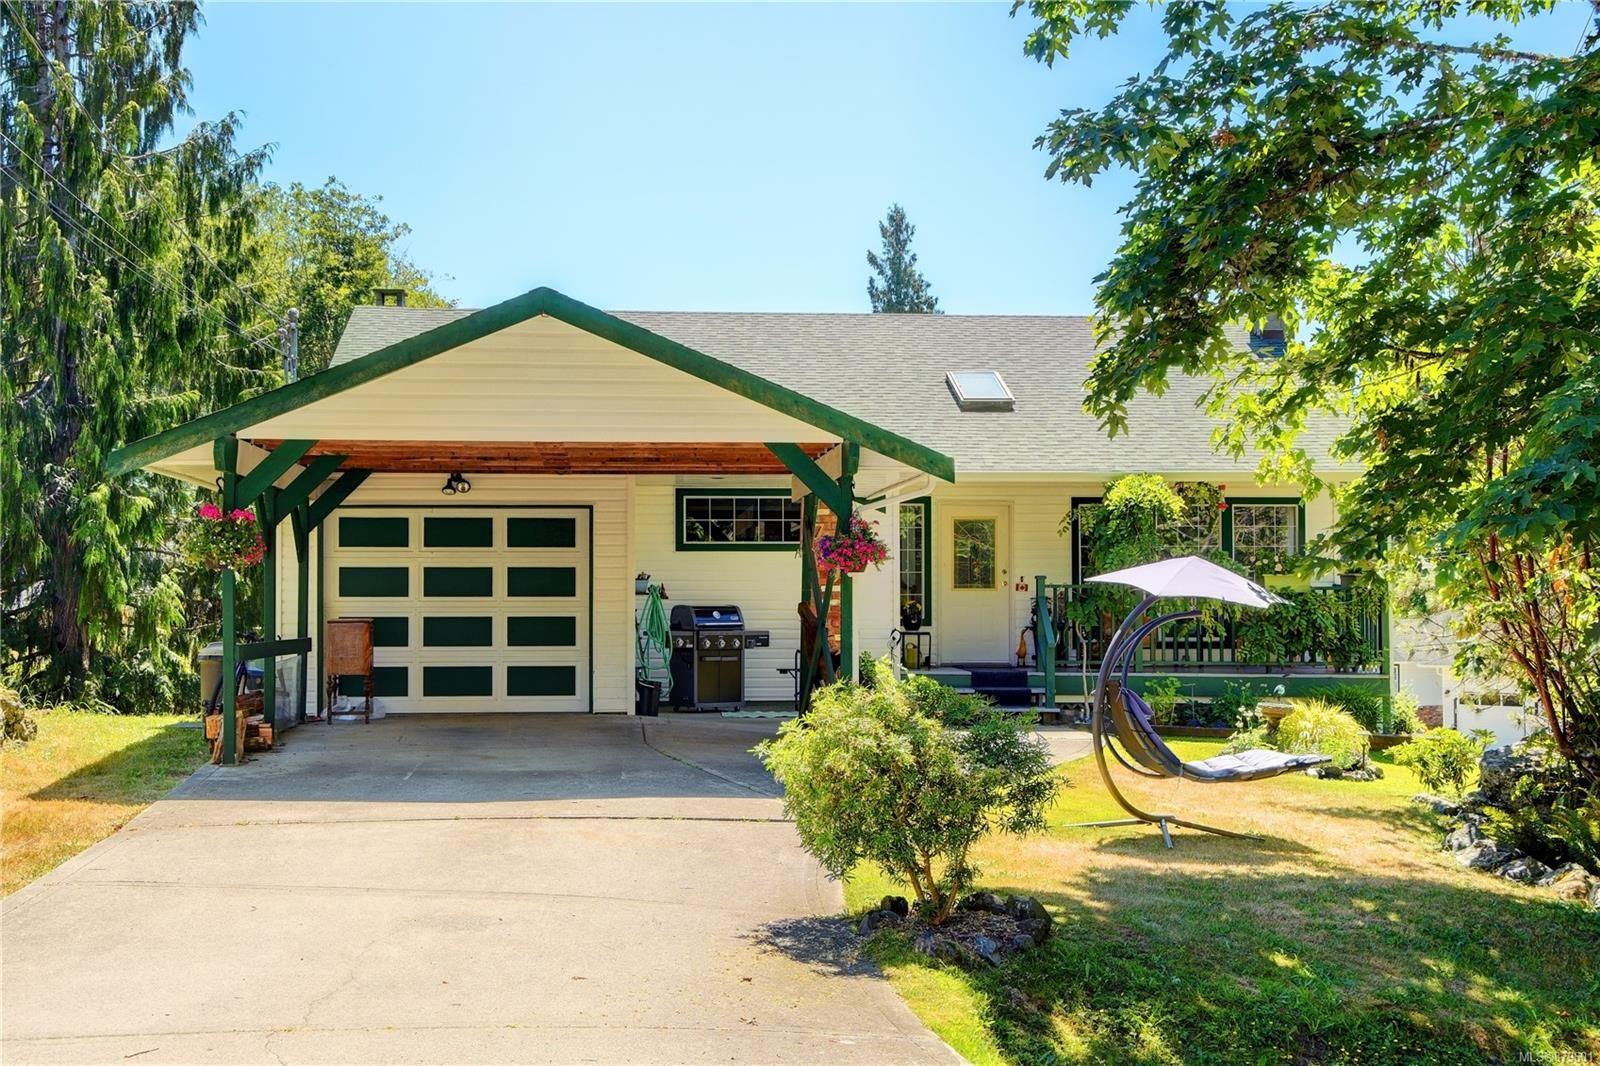 Main Photo: 7169 Cedar Brook Pl in Sooke: Sk John Muir House for sale : MLS®# 879601